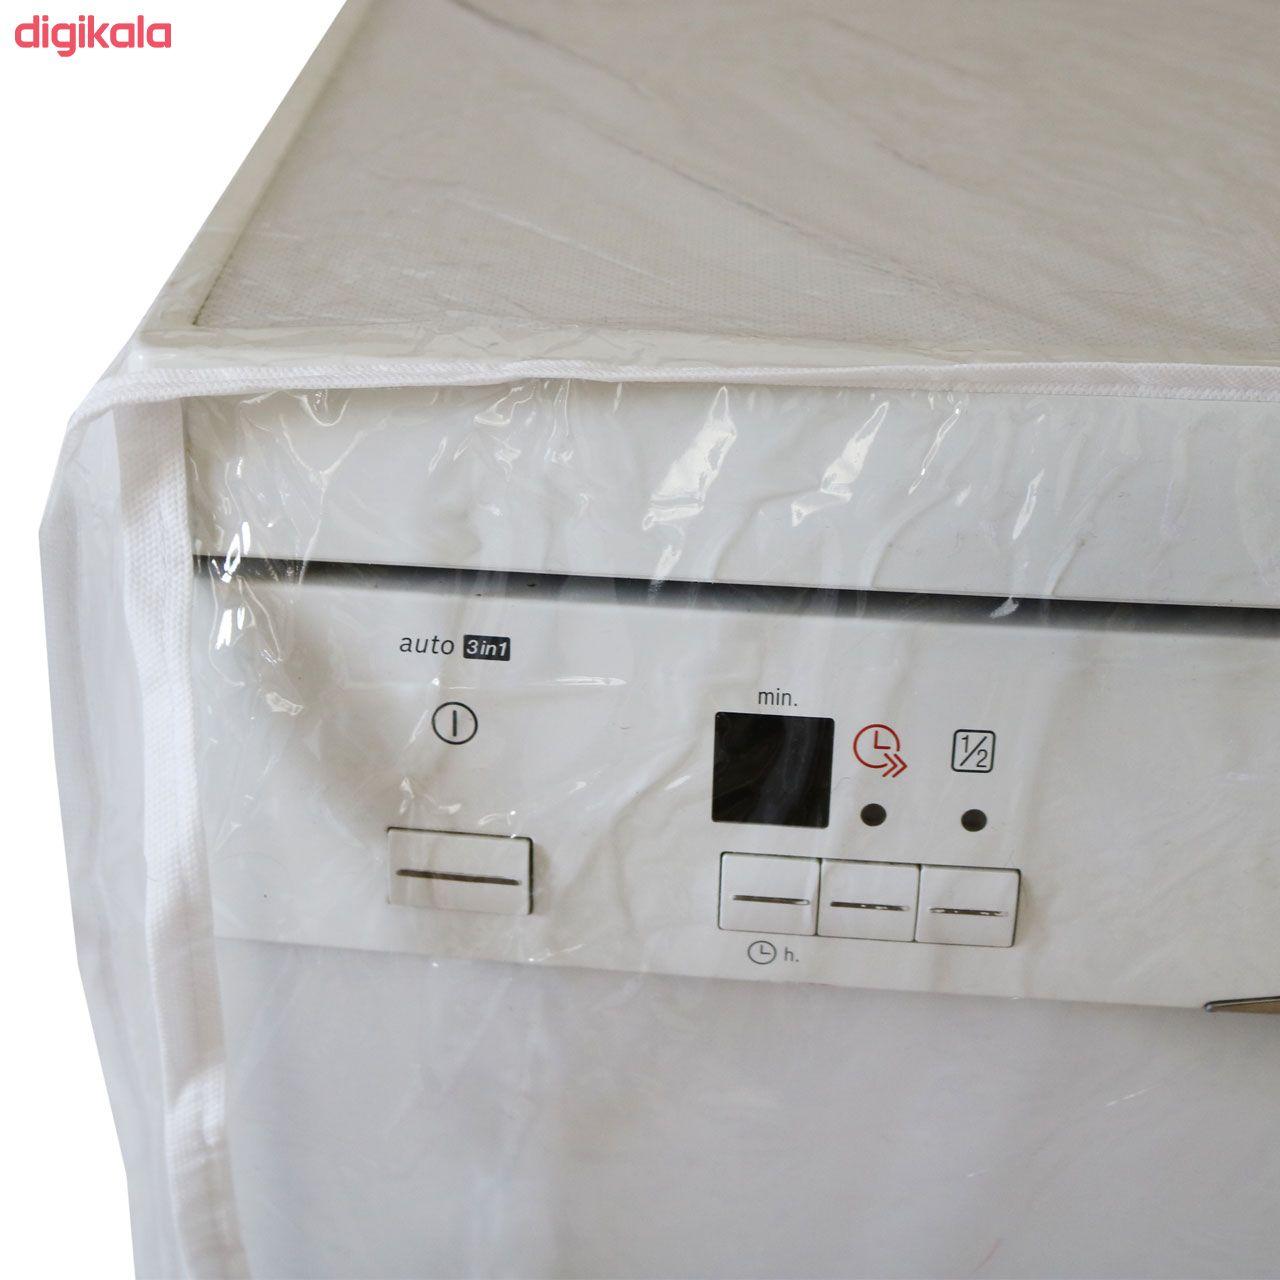 کاور ماشین لباسشویی کد 01 main 1 2